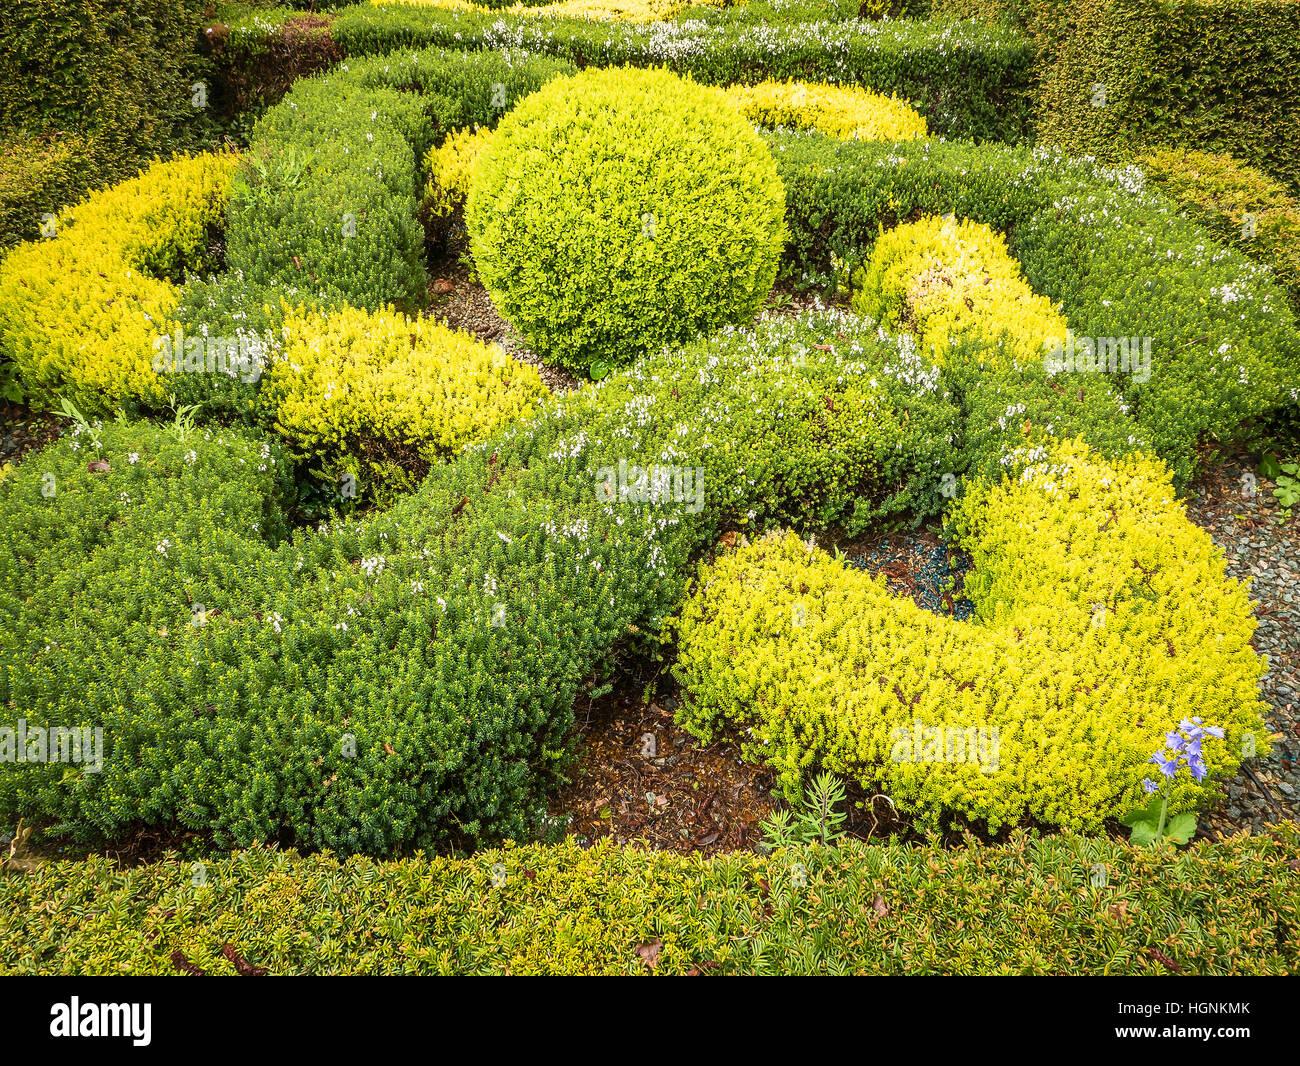 Garden Design Stock Photos & Garden Design Stock Images - Alamy